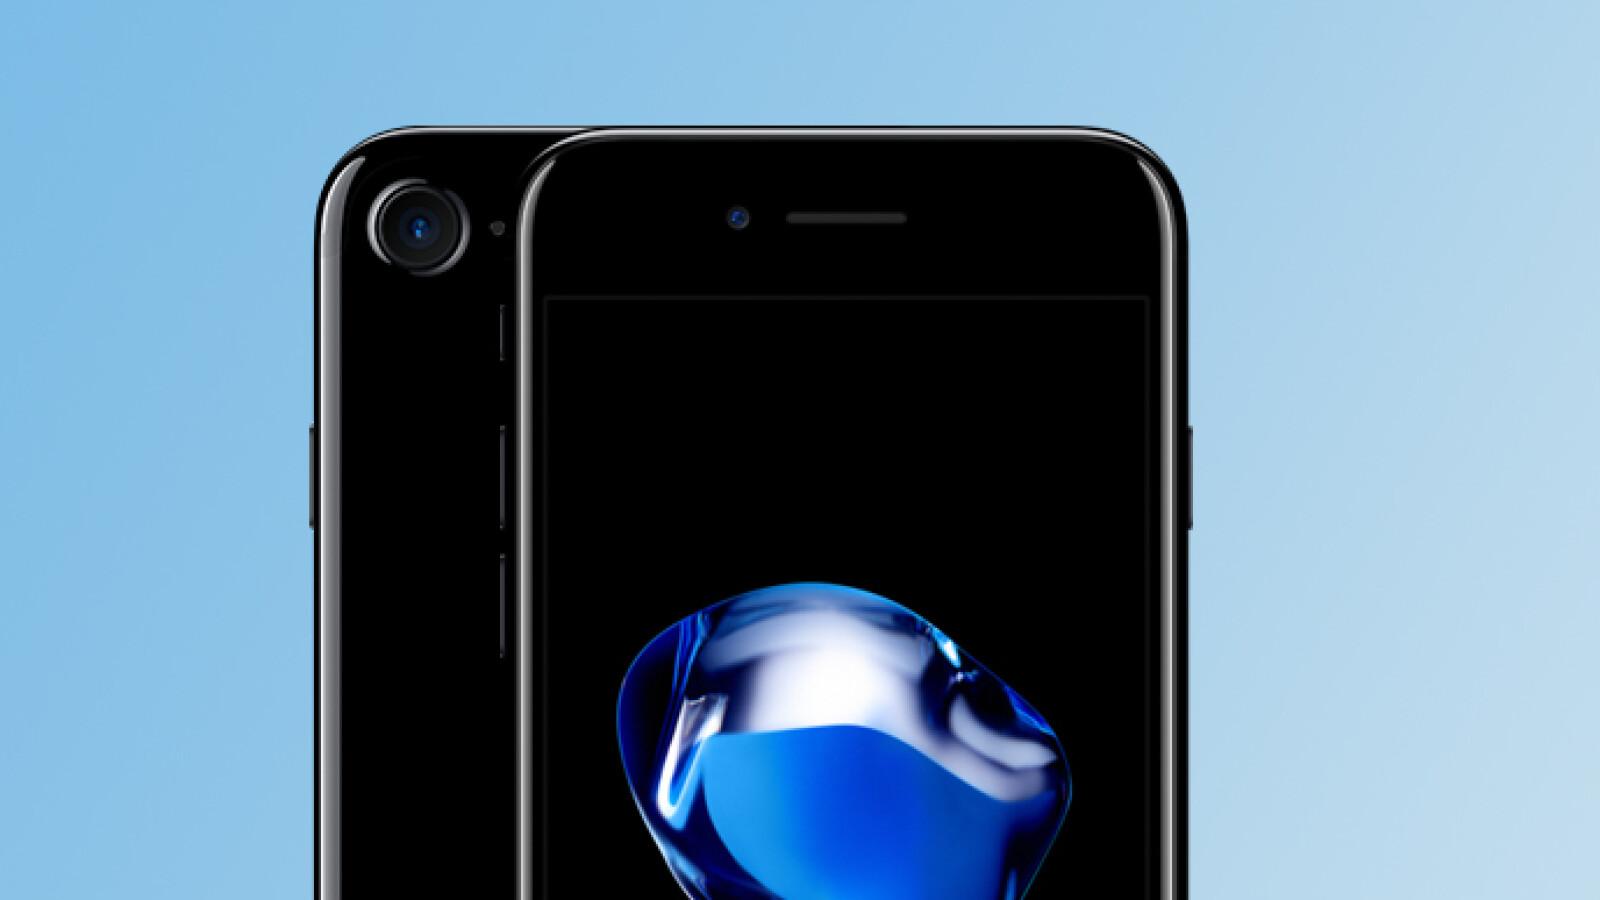 Alles Zum IPhone 7 Preise Technik Zubehor